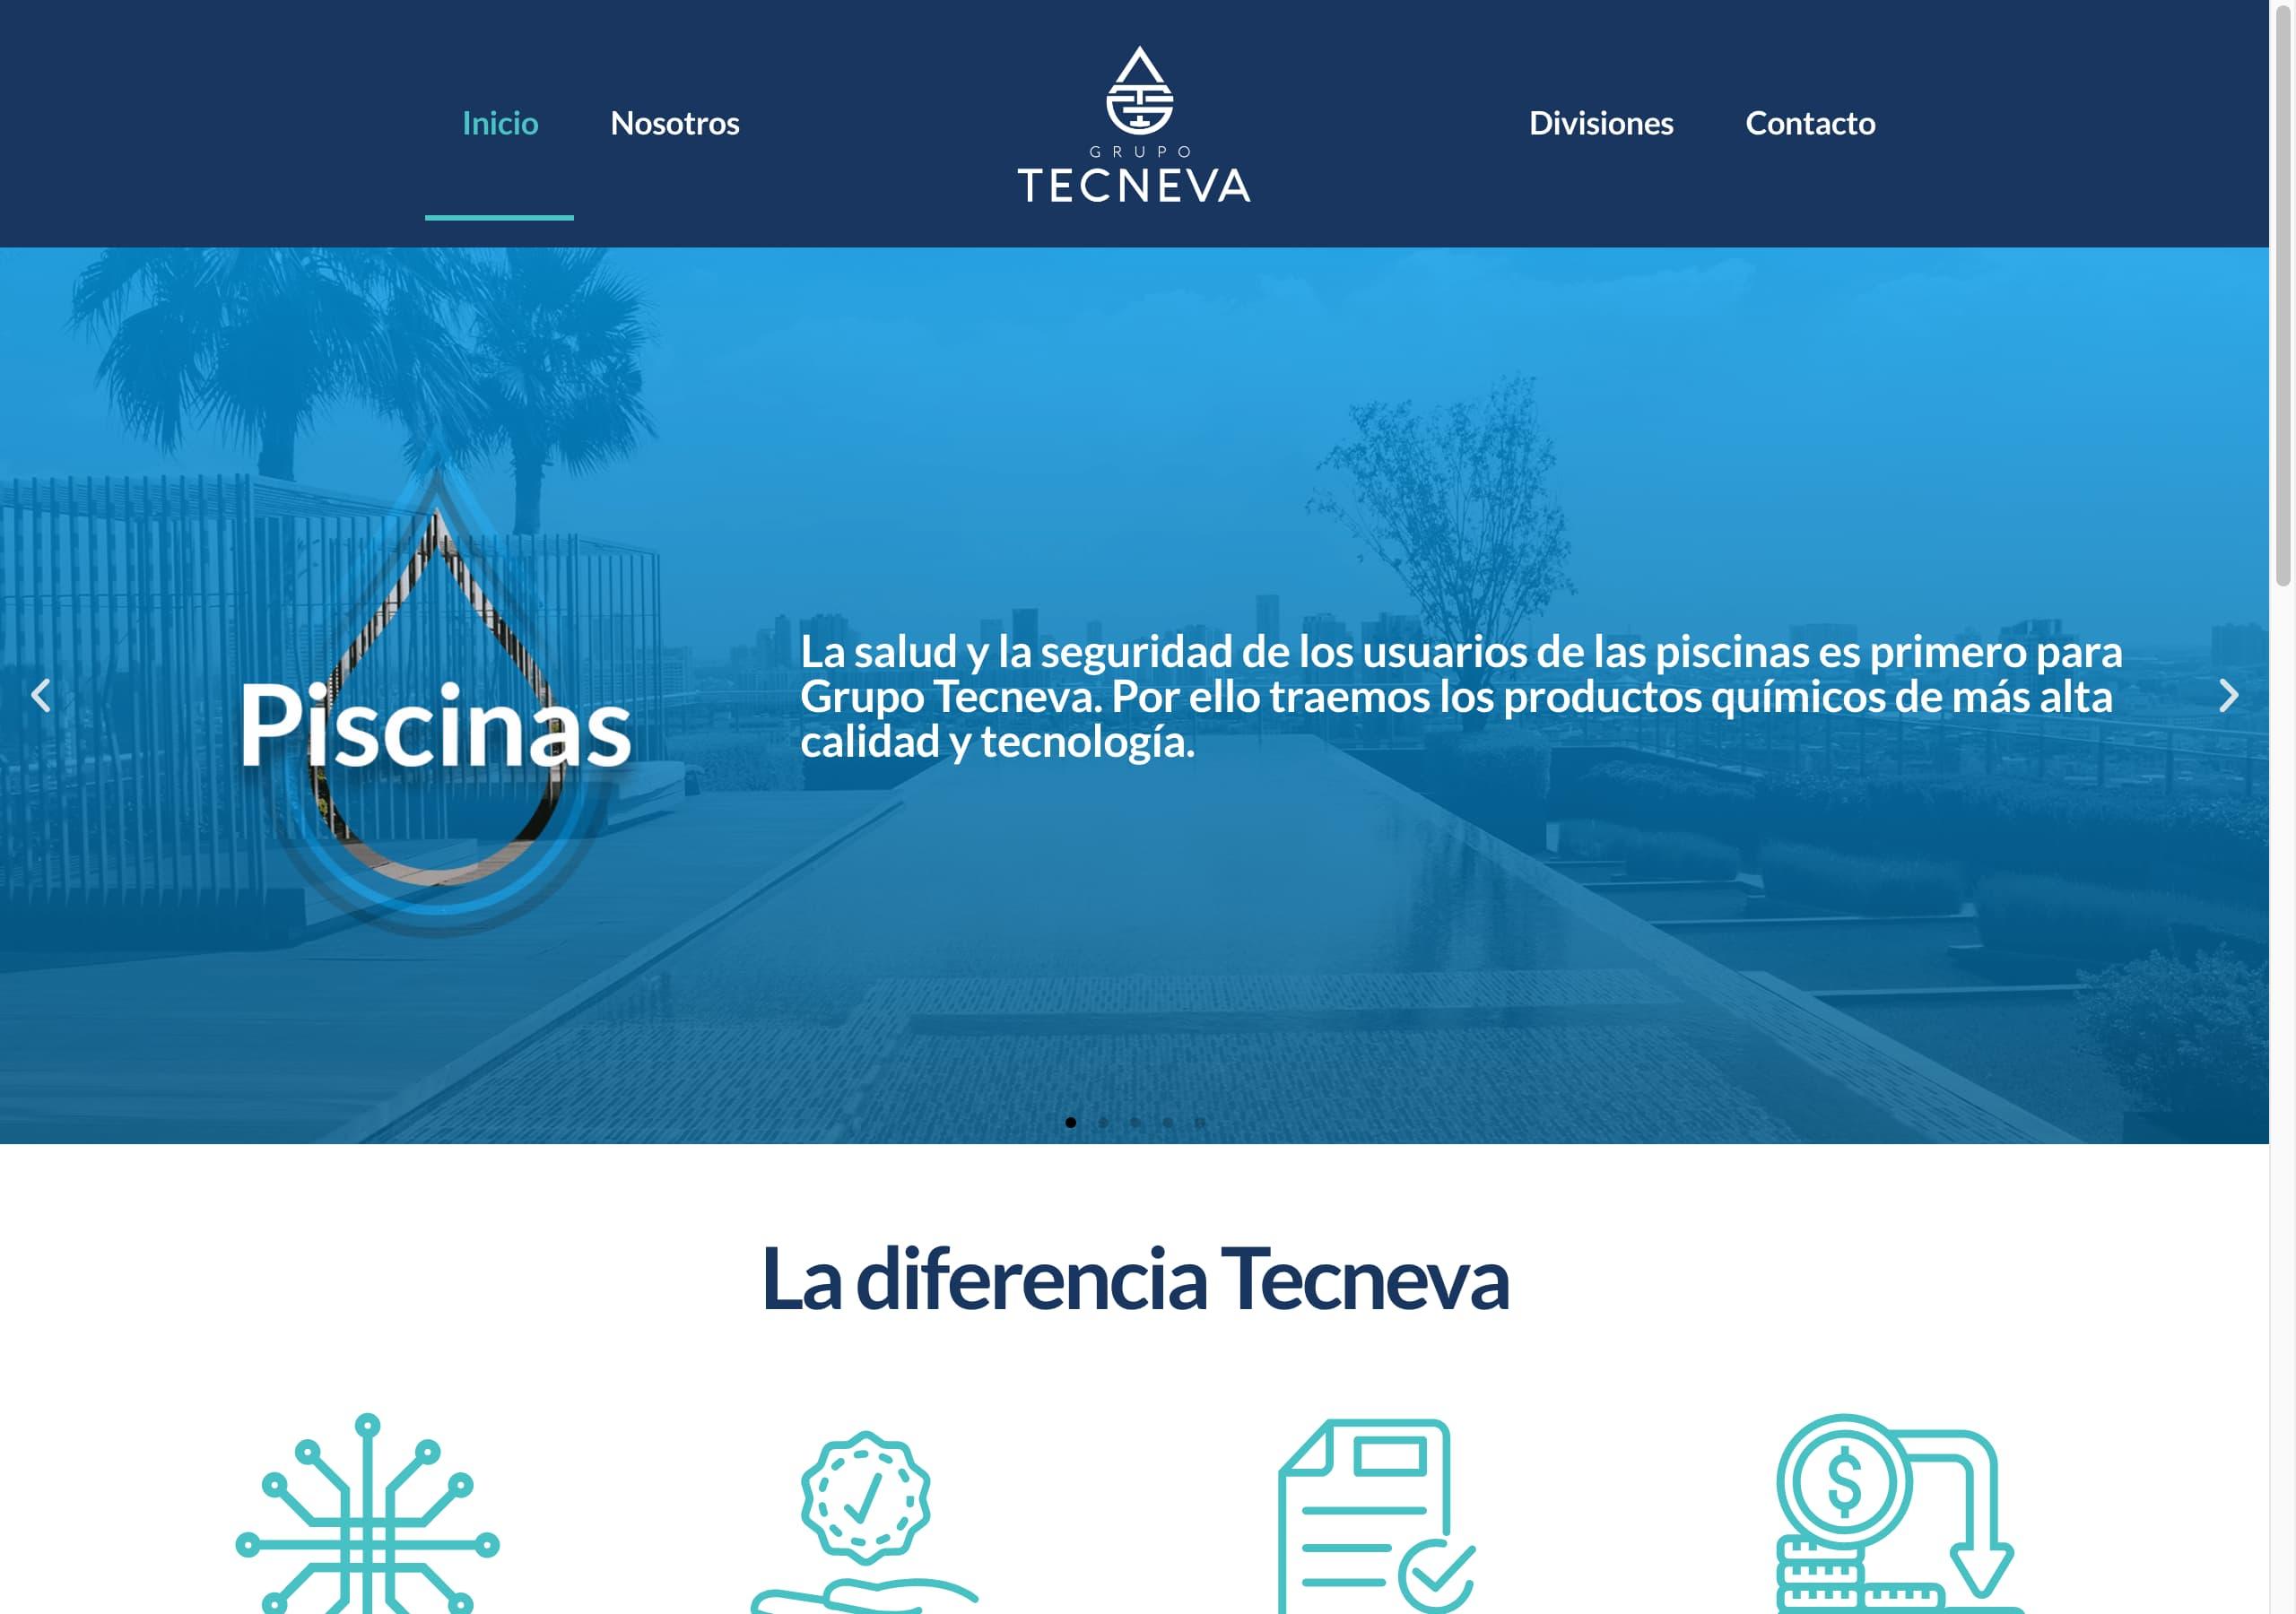 grupotecneva.com.mx